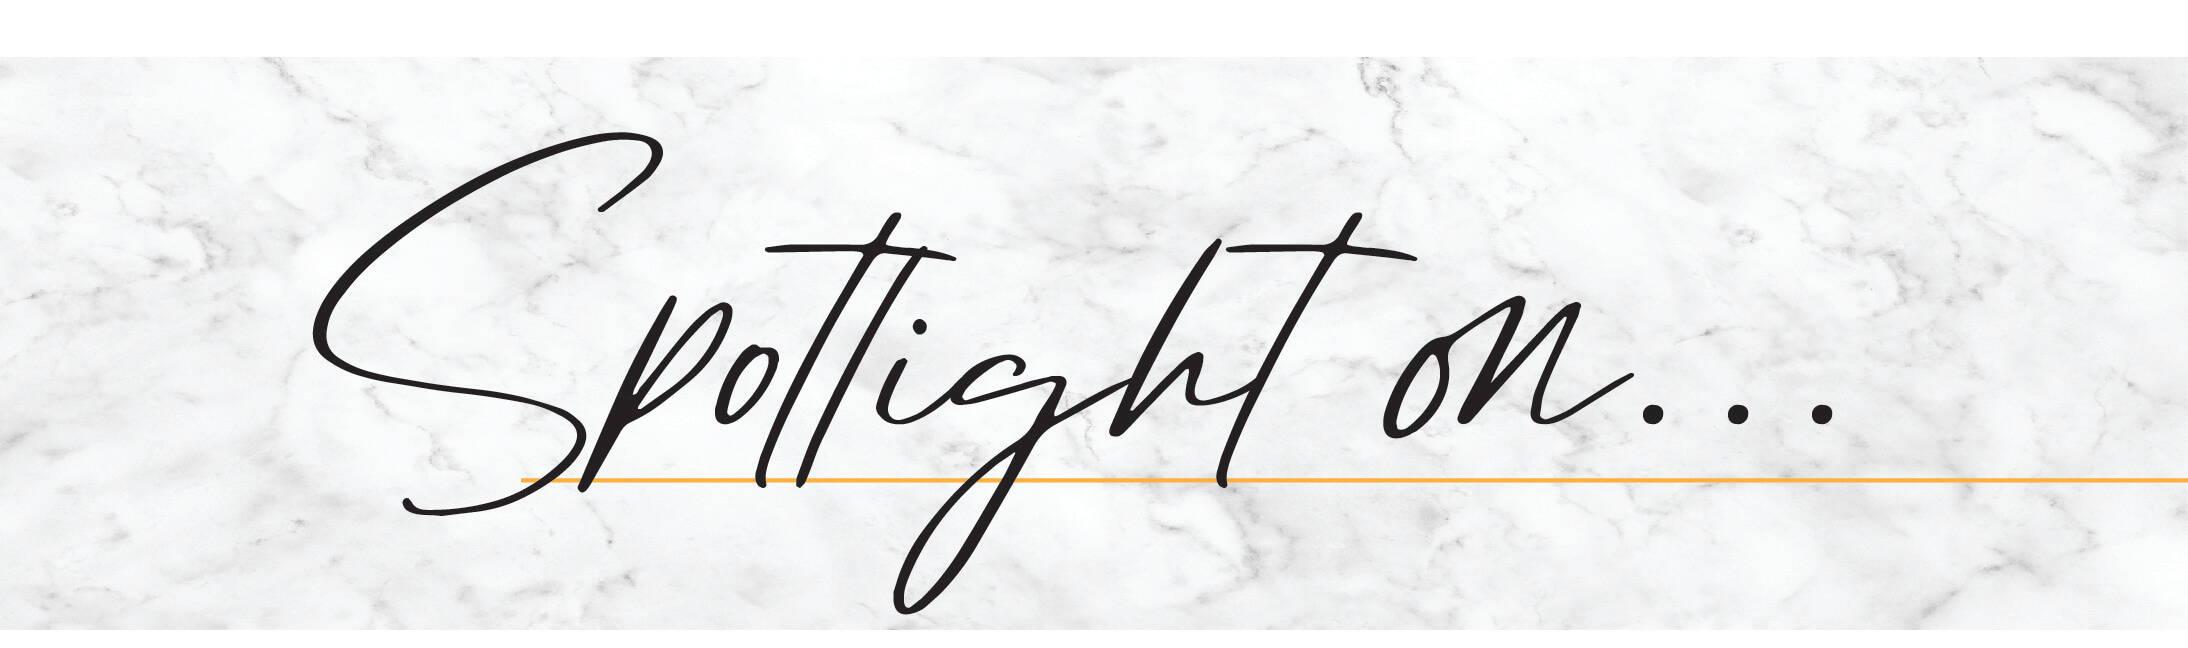 Spotlight on heading